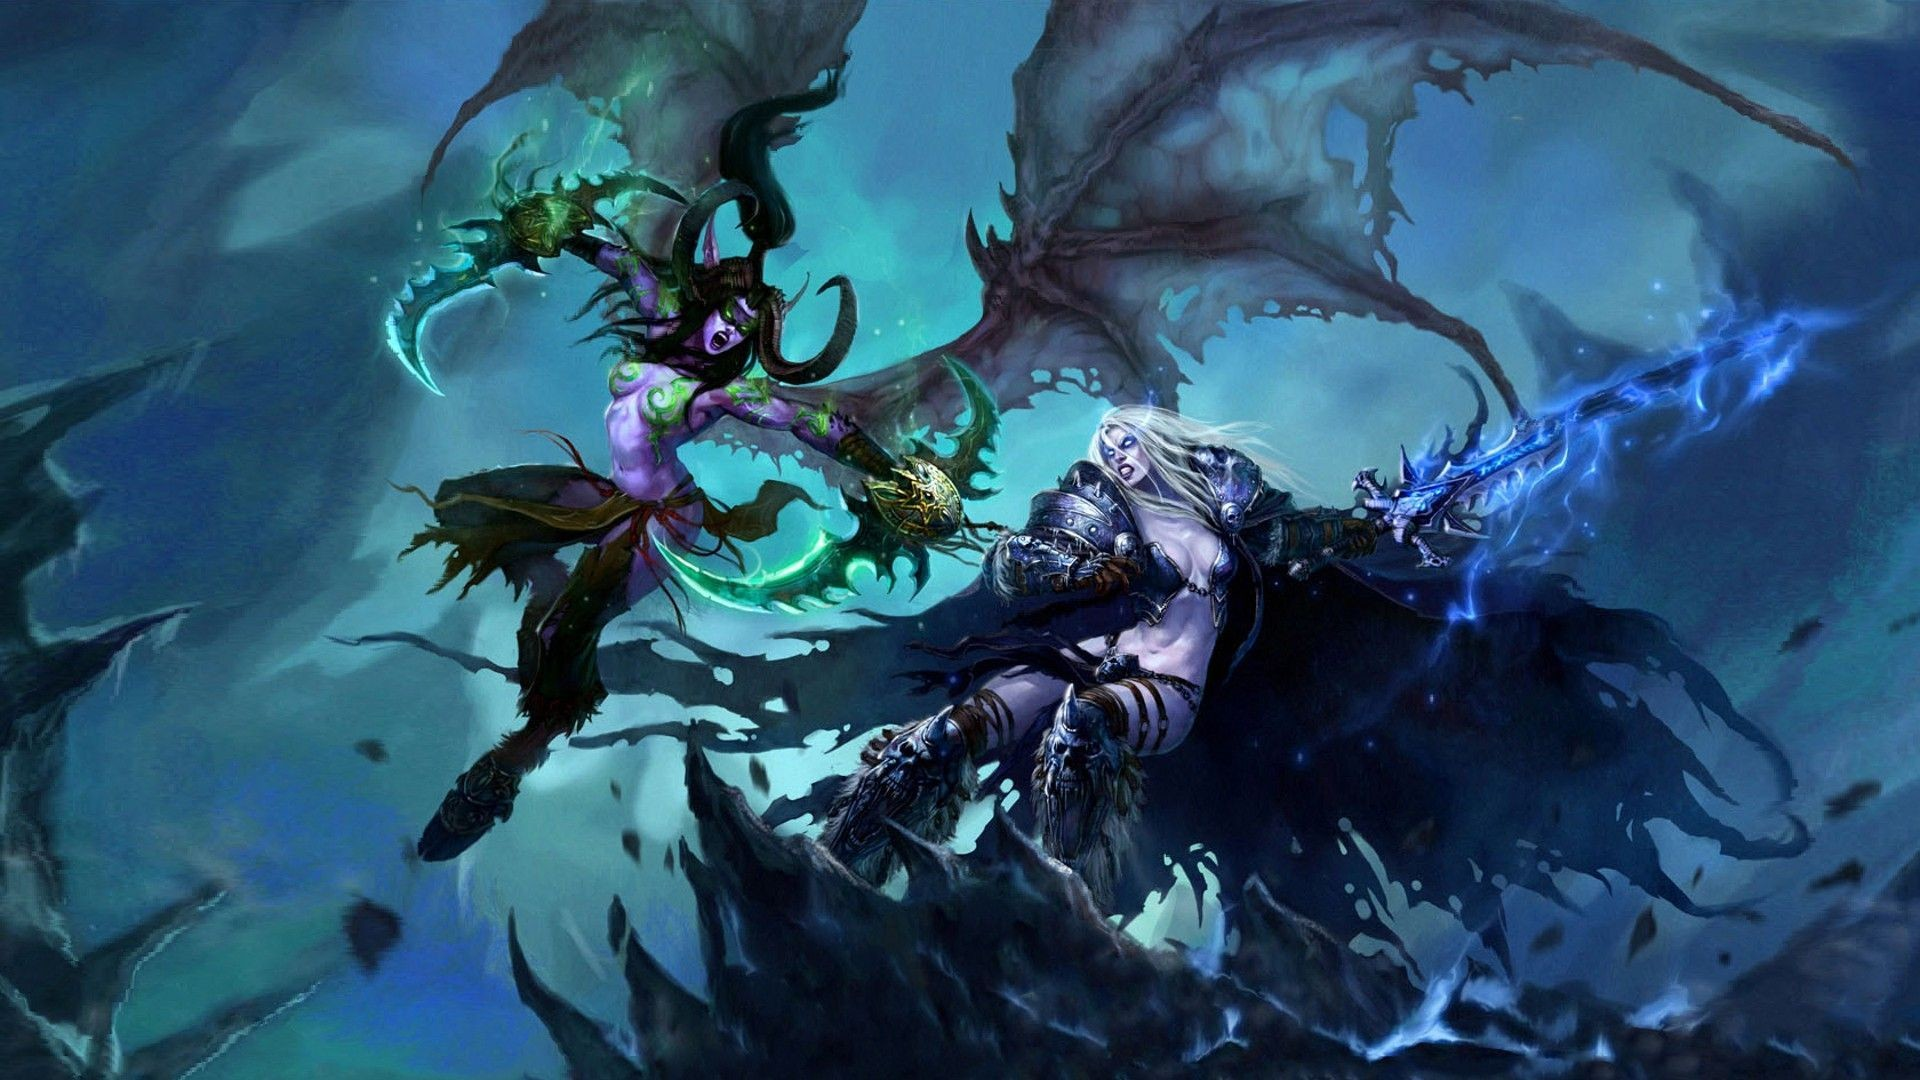 Illidan vs Sylvanas – World of Warcraft wallpaper #16140